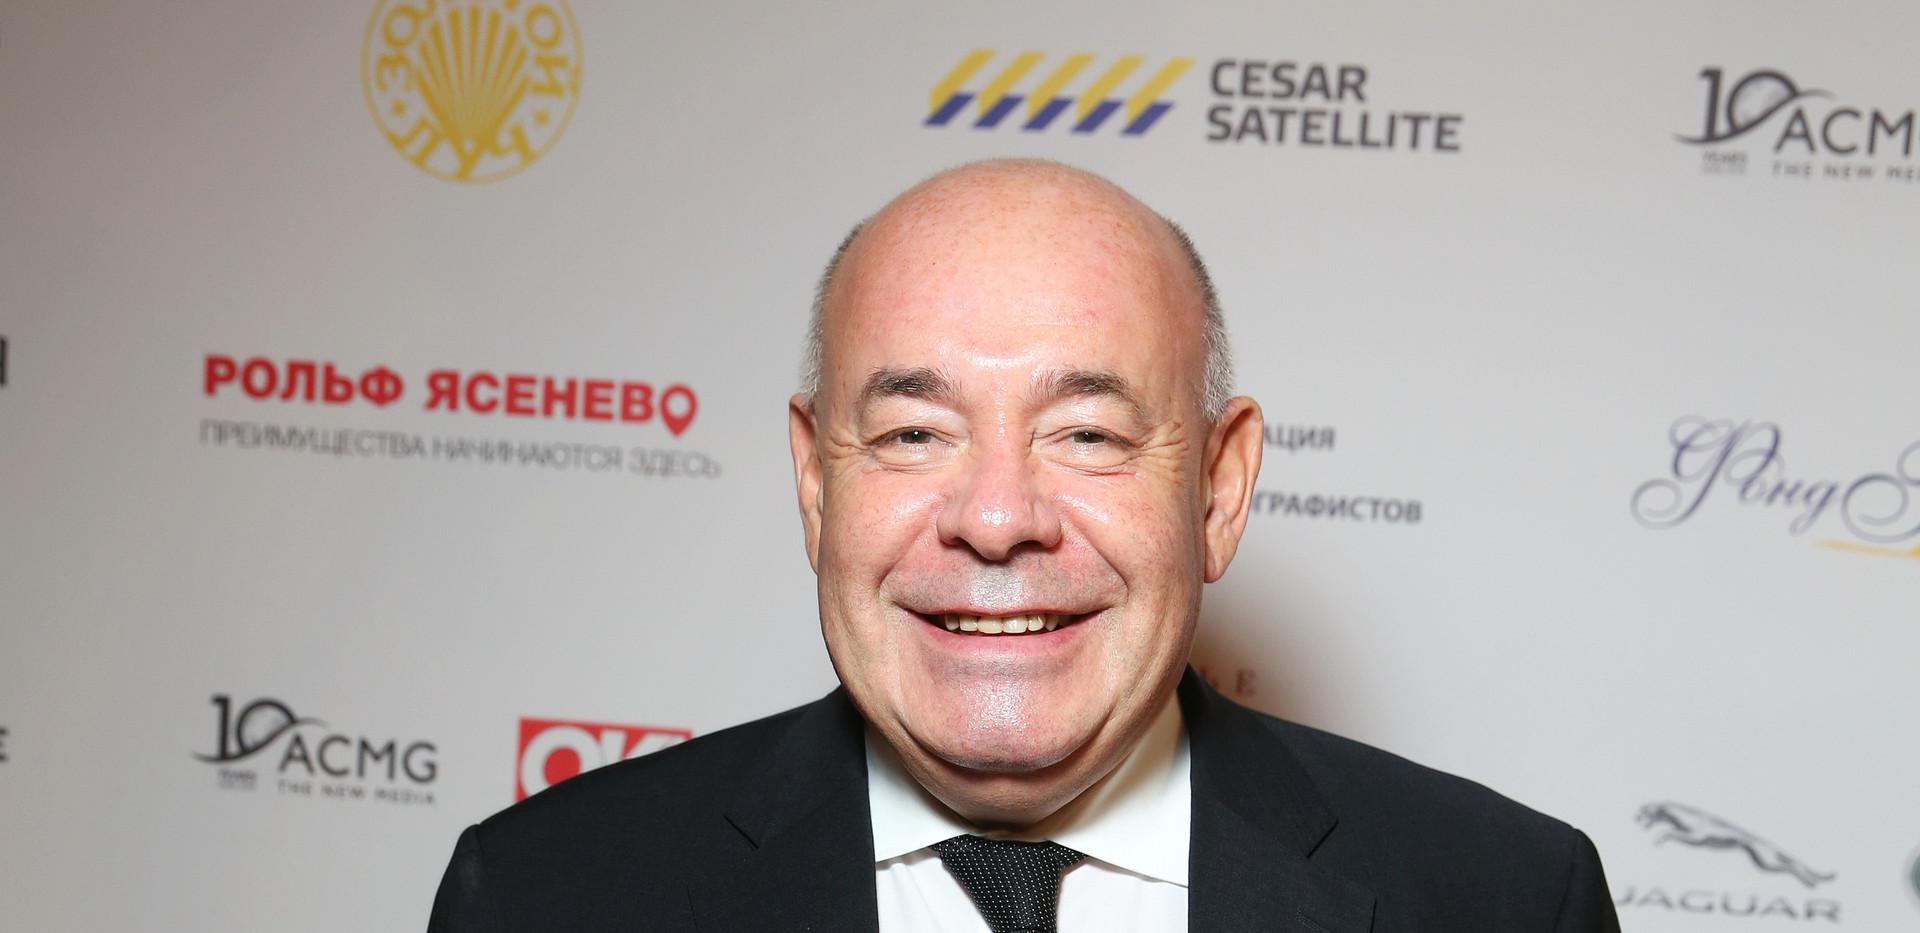 Михаил Швыдкой.JPG